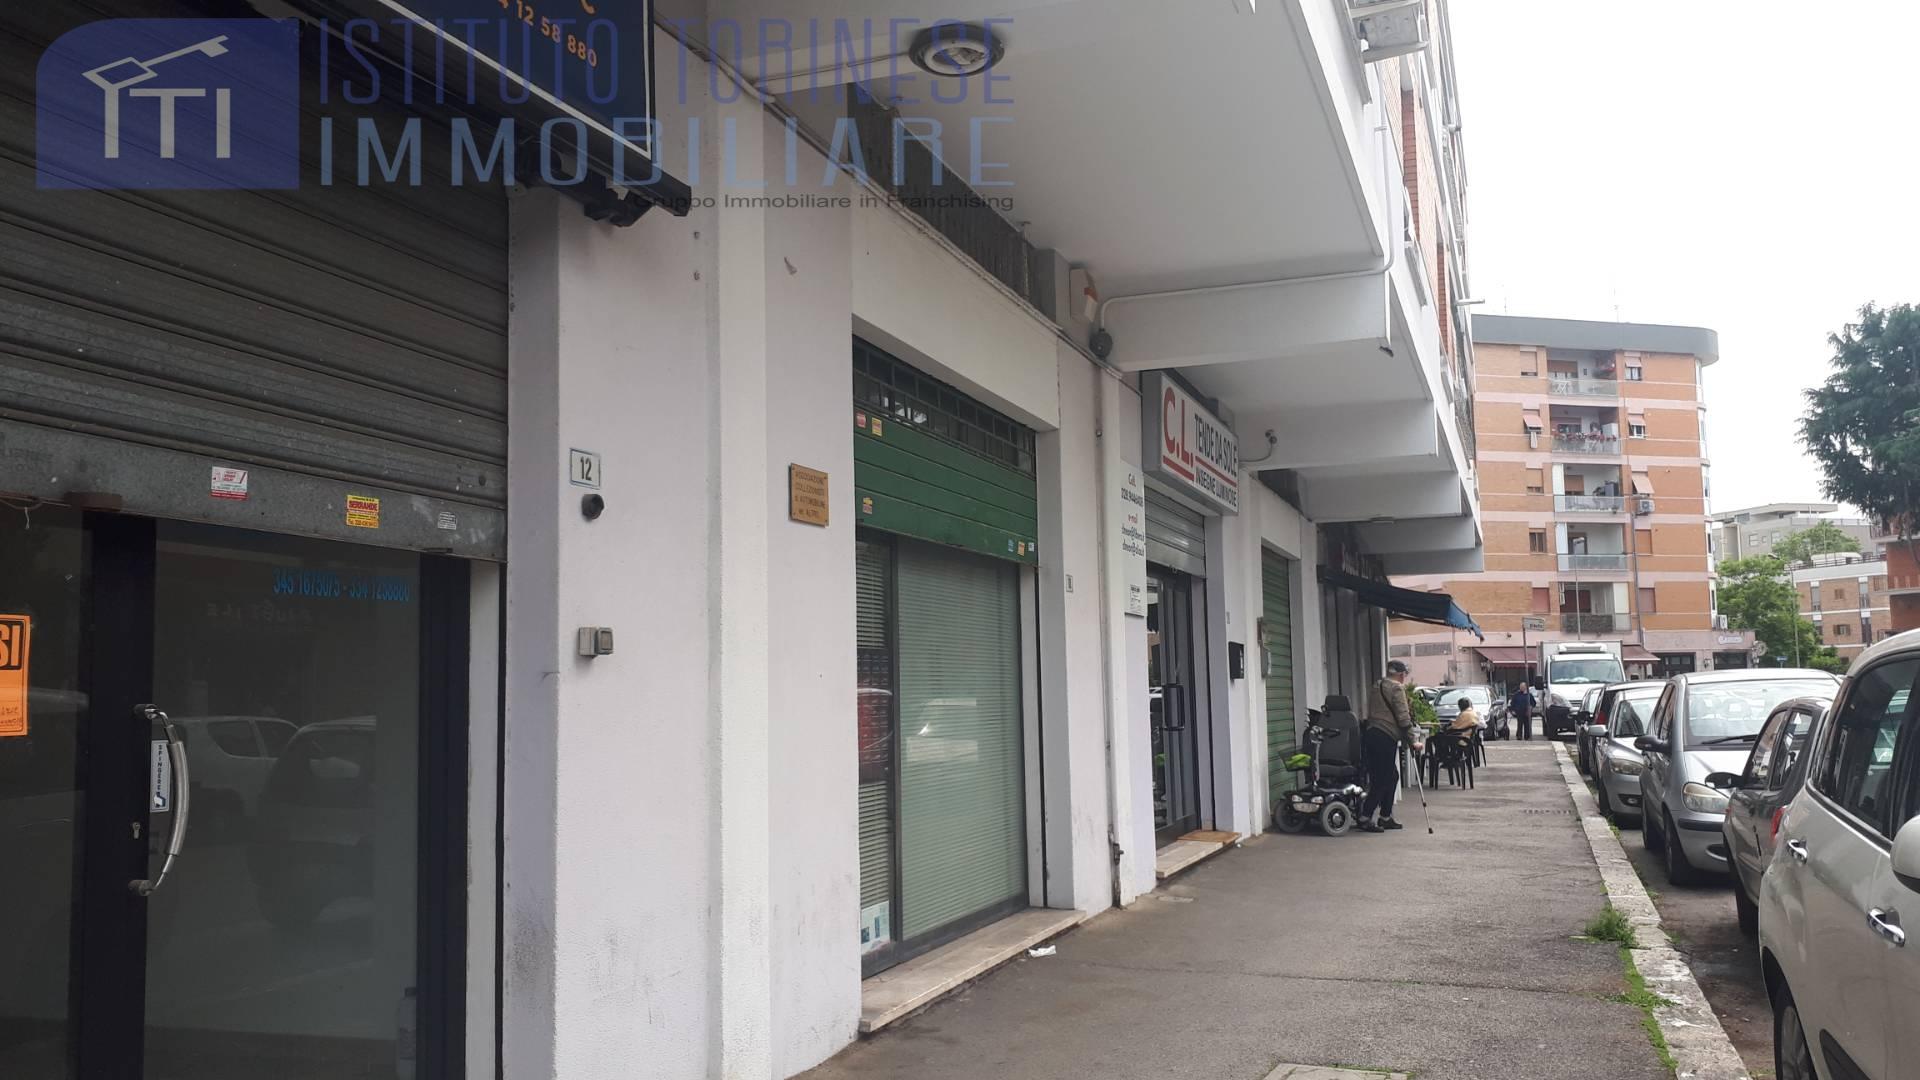 latina vendita quart: semicentrale istituto-torinese-immobiliare